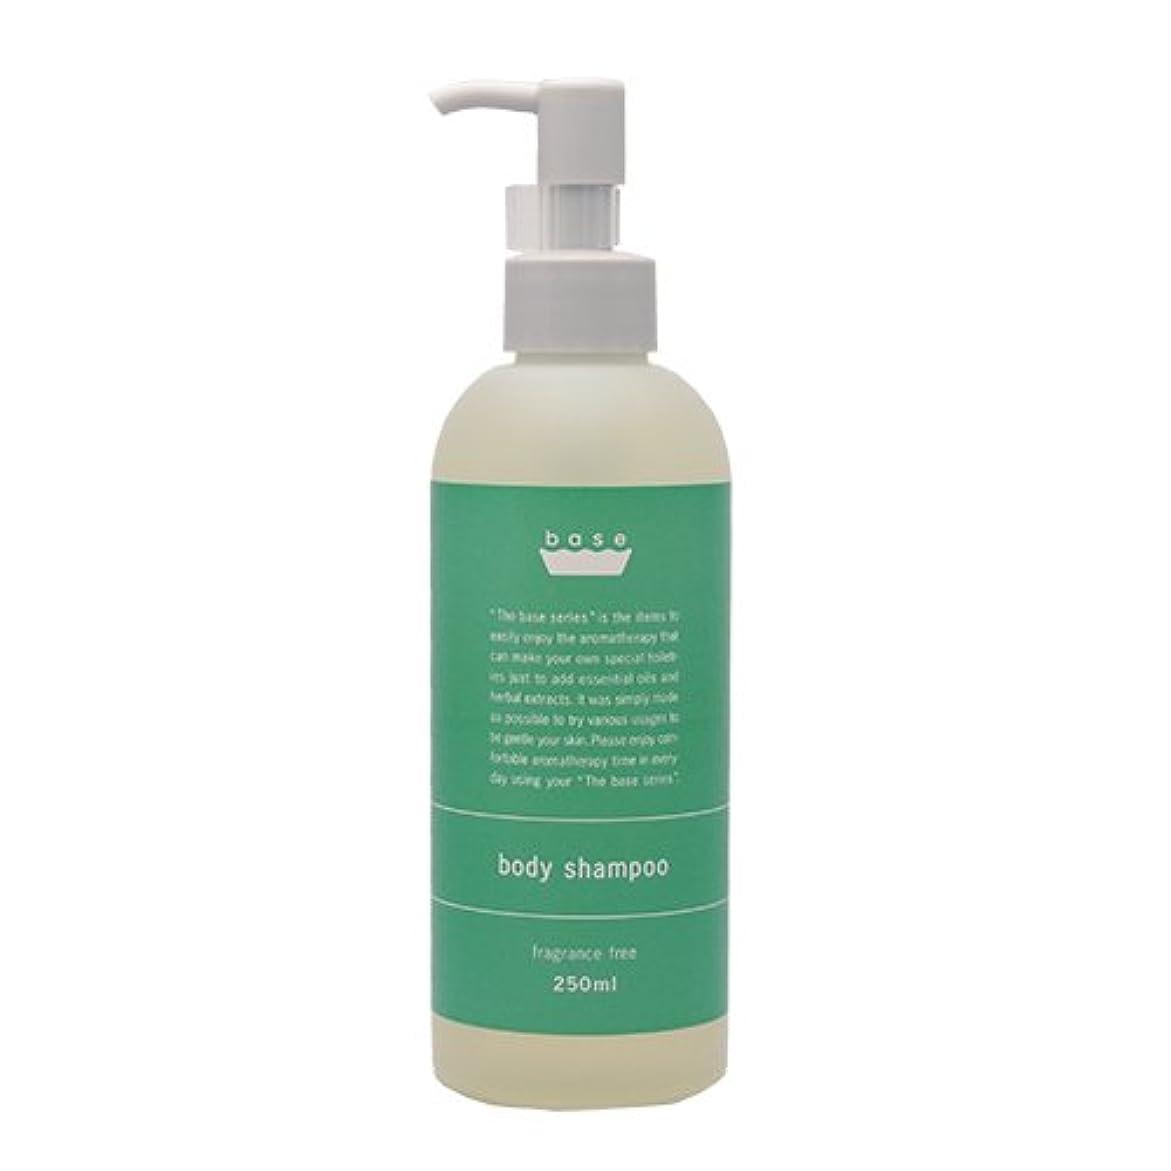 順応性のある病院とても多くのフレーバーライフ(Flavor Life) フレーバーライフ base body shampoo(ボディーシャンプー)250ml ボディソープ